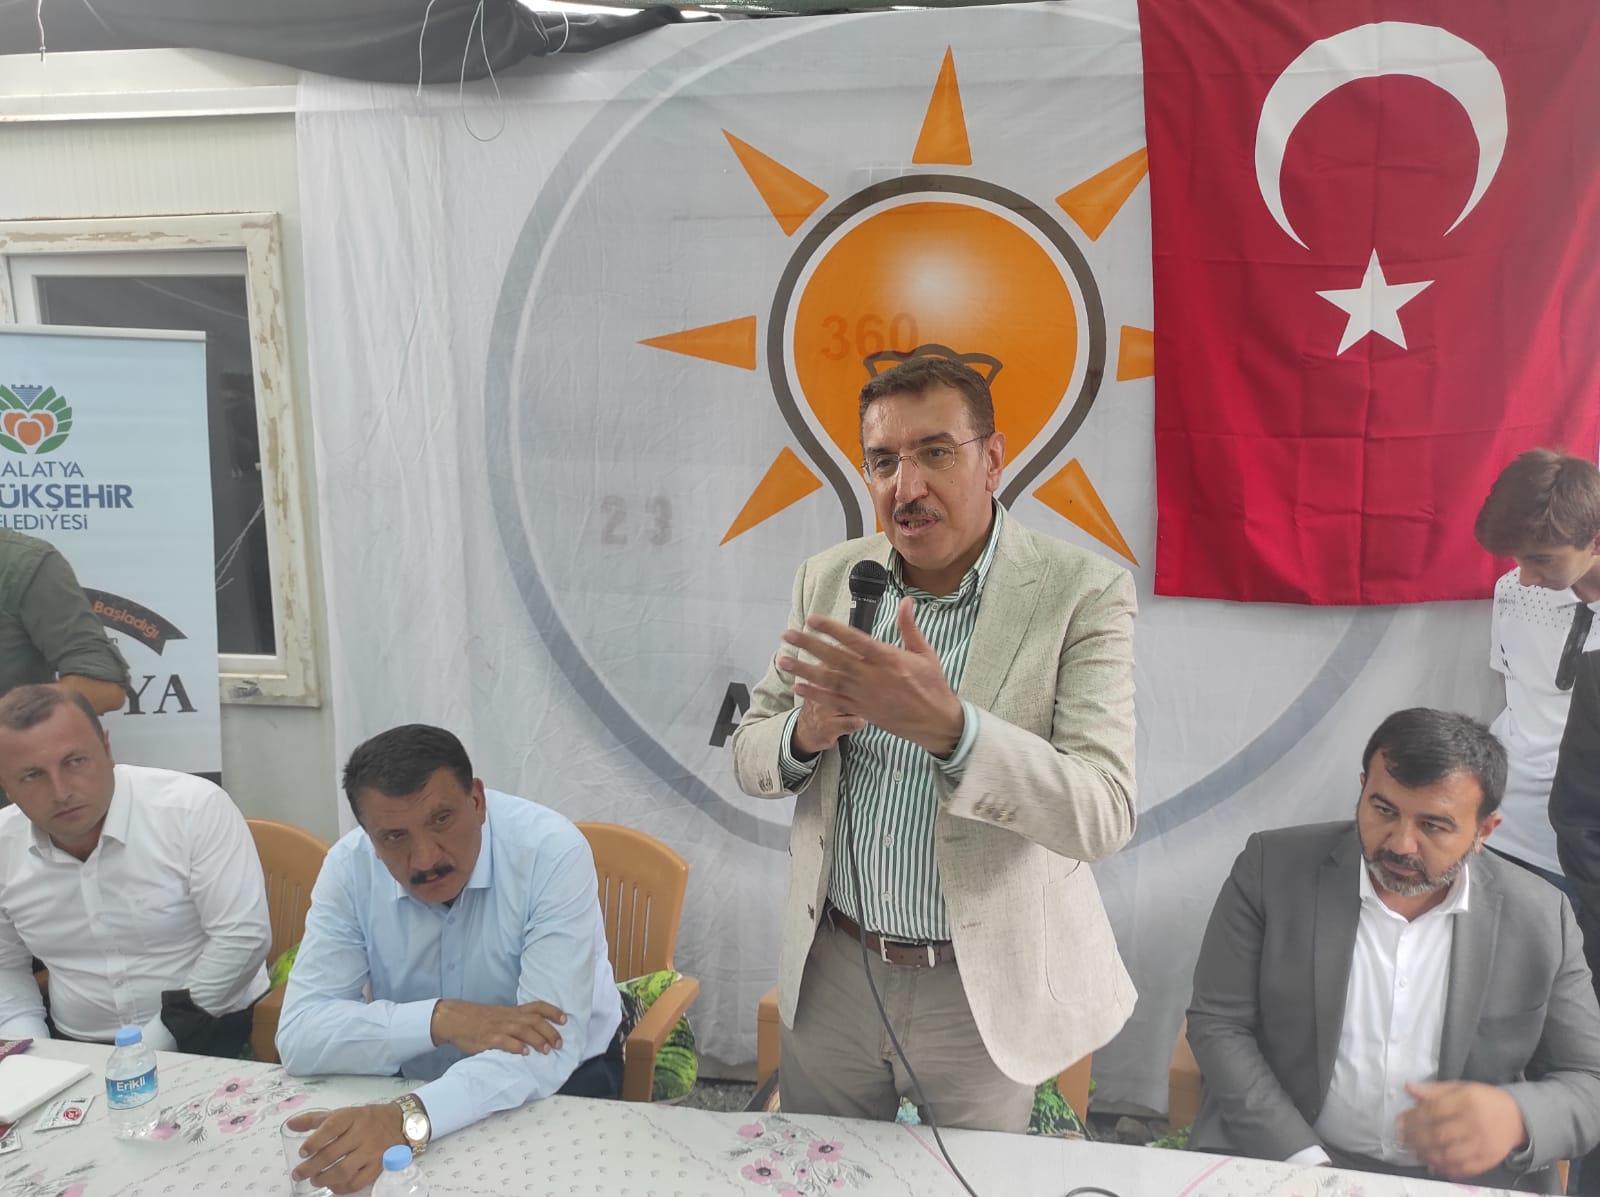 AK Partili Tüfenkci kirli oyunlarla dikkat çekti